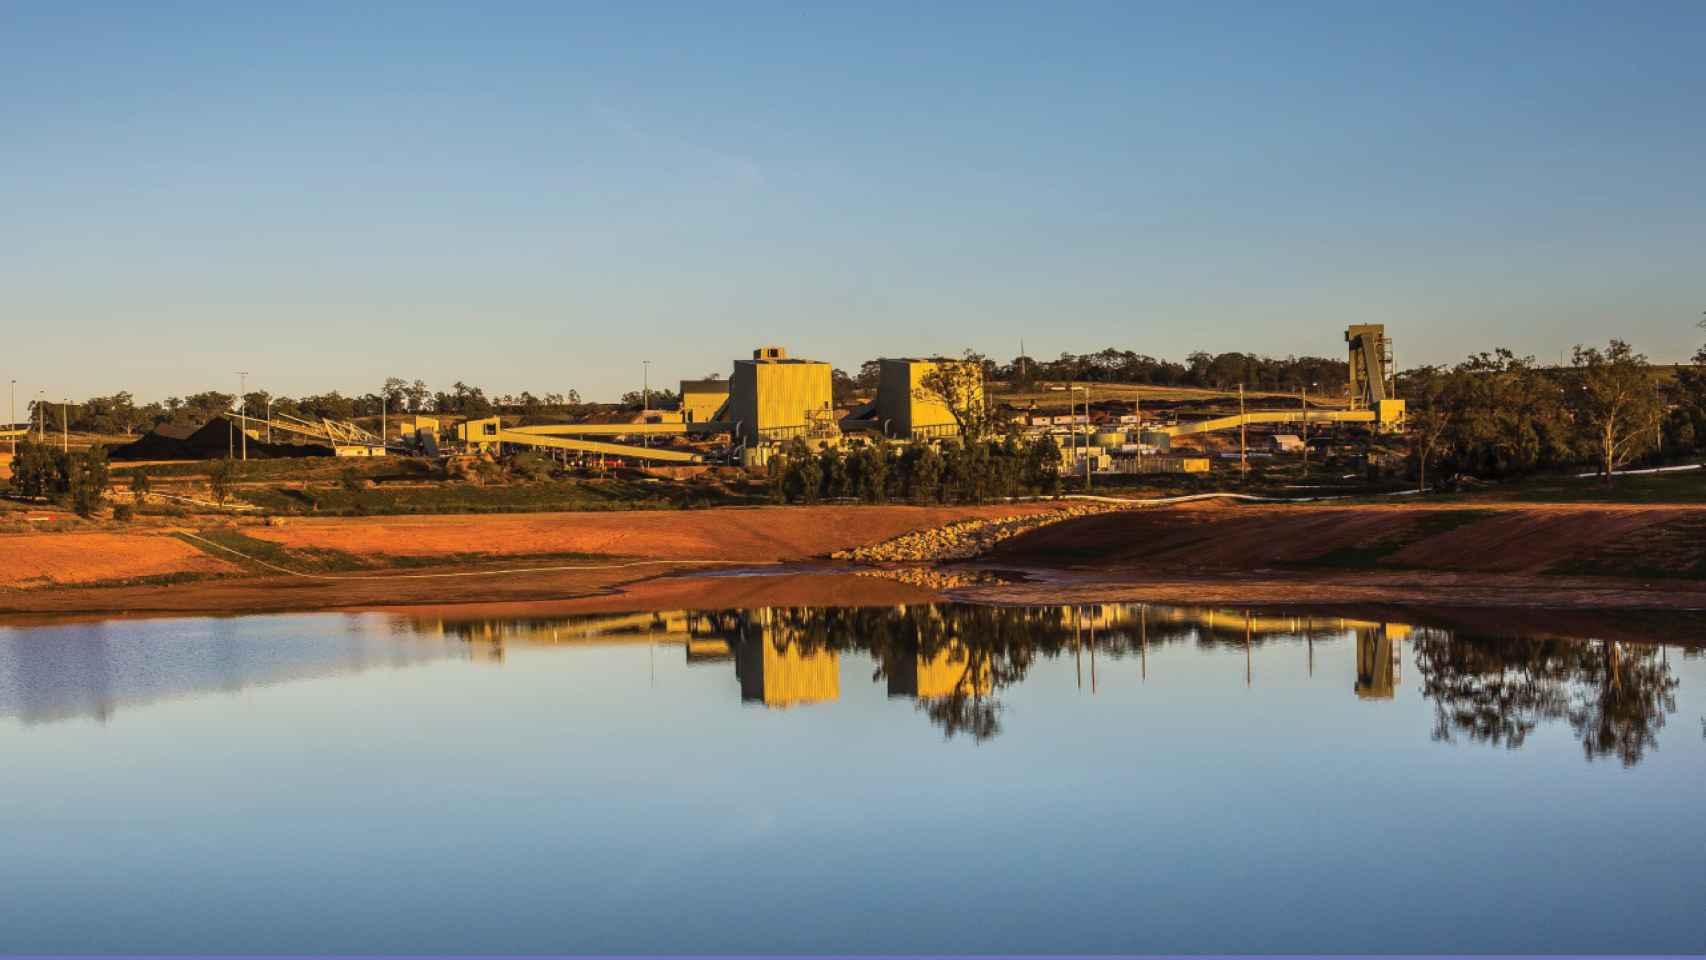 Imagen de la mina Mount Pleasant en Nueva Gales del Sur (Australia).